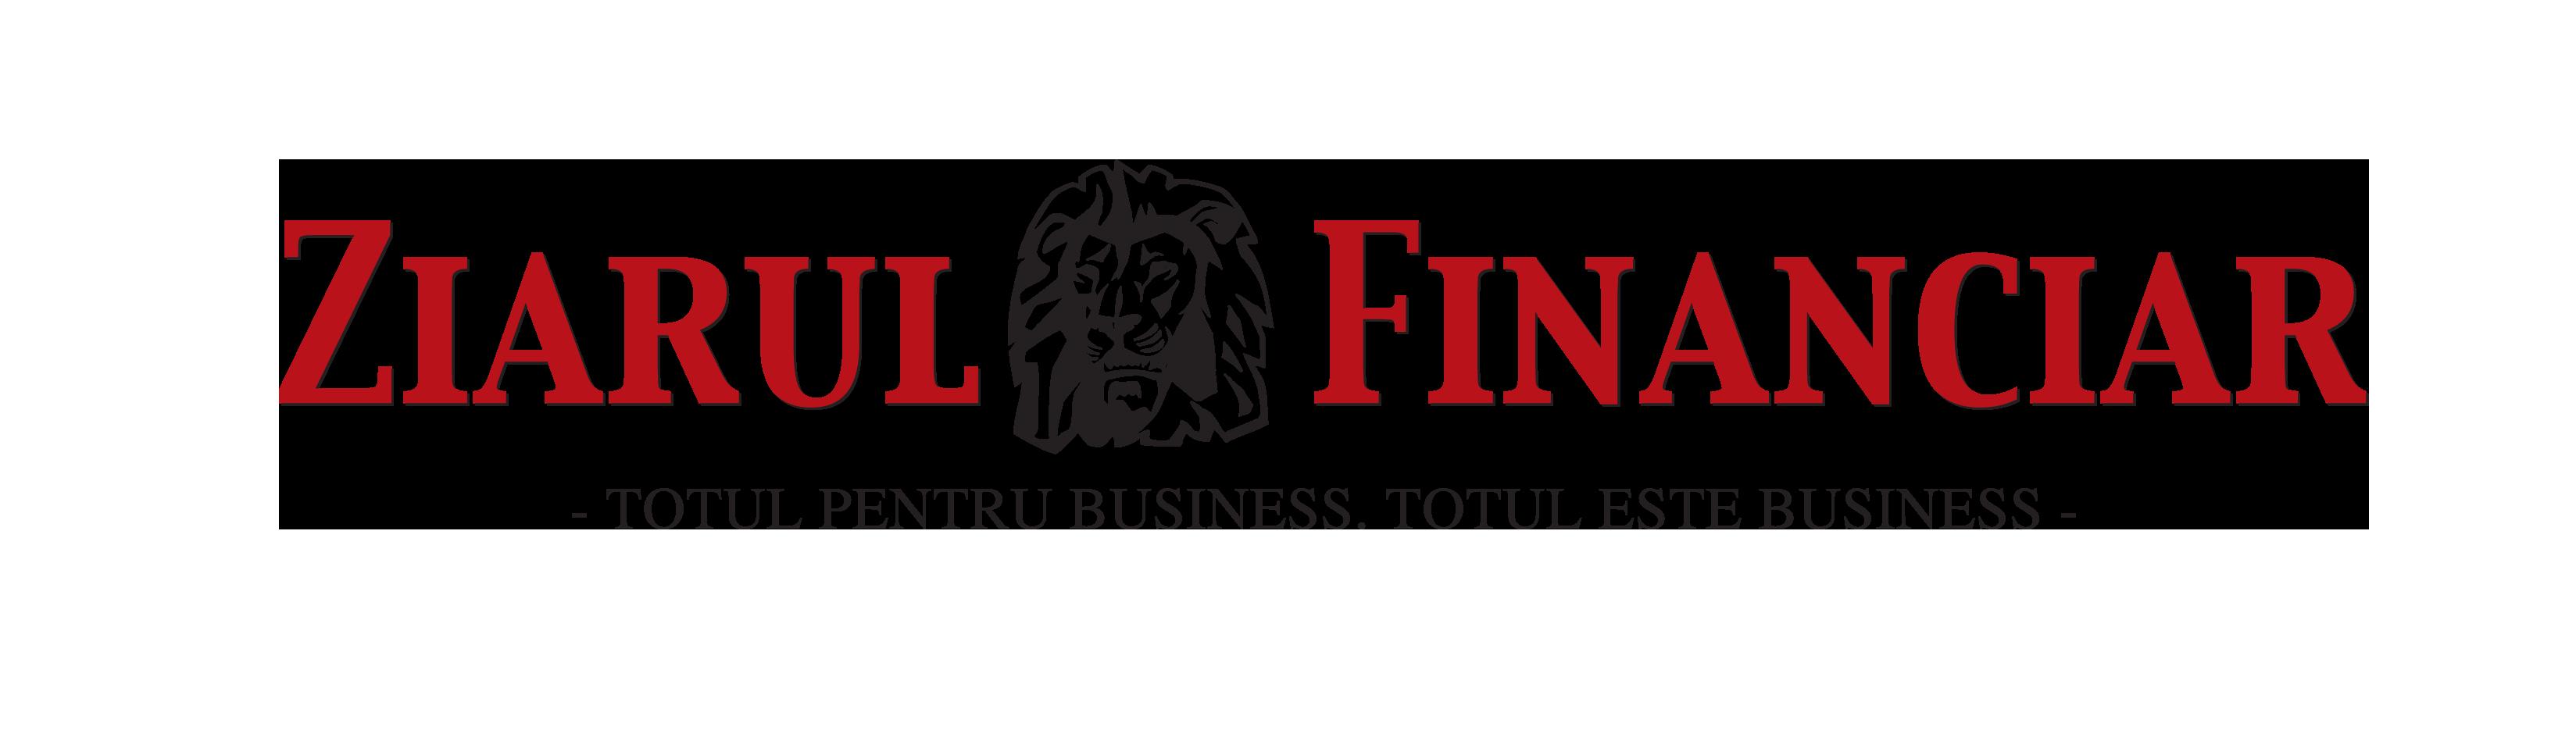 WellCode_Ziarul_Financiar